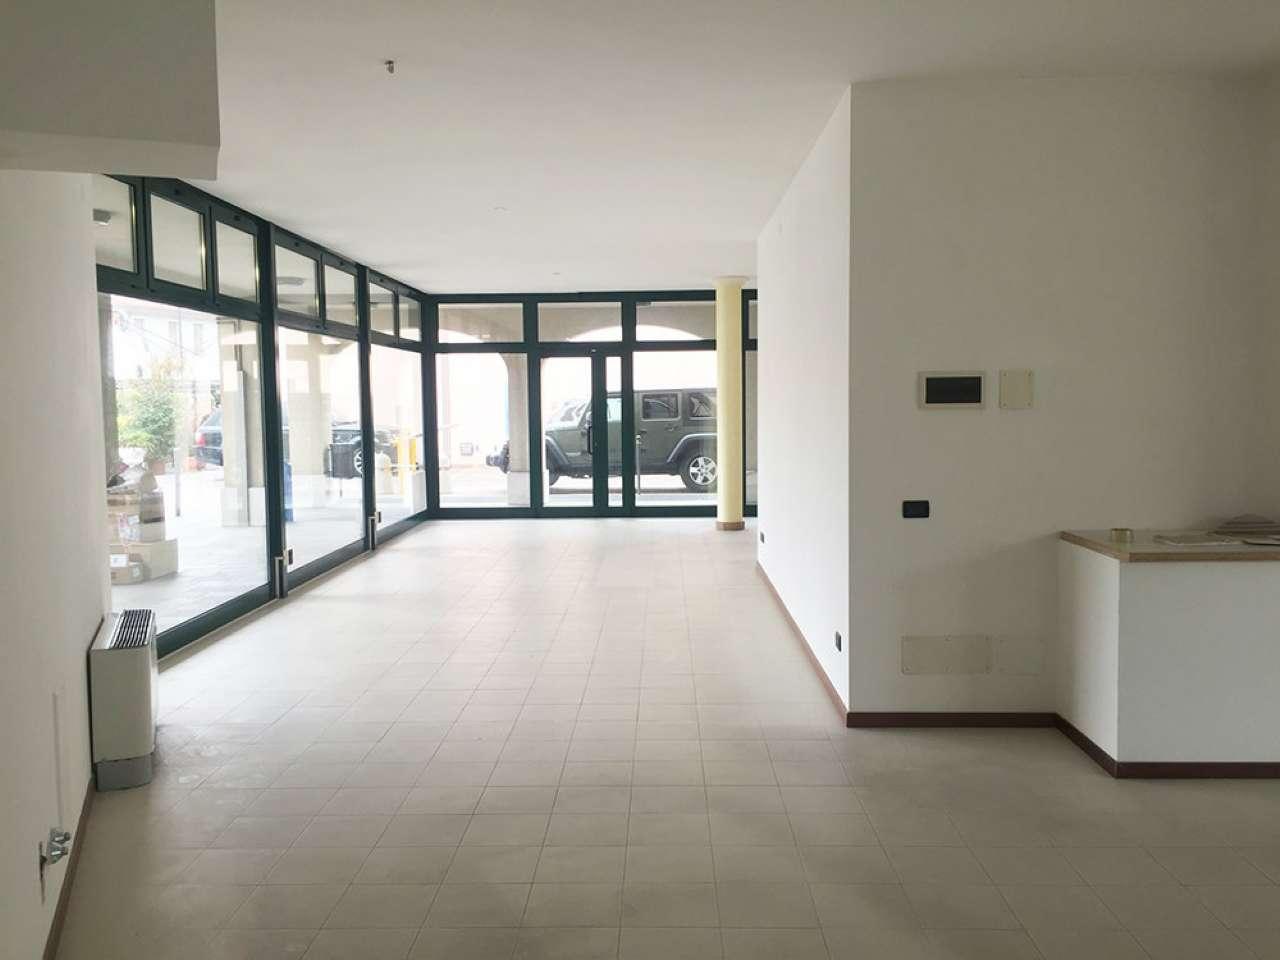 Negozio / Locale in affitto a Legnaro, 2 locali, prezzo € 1.300 | CambioCasa.it